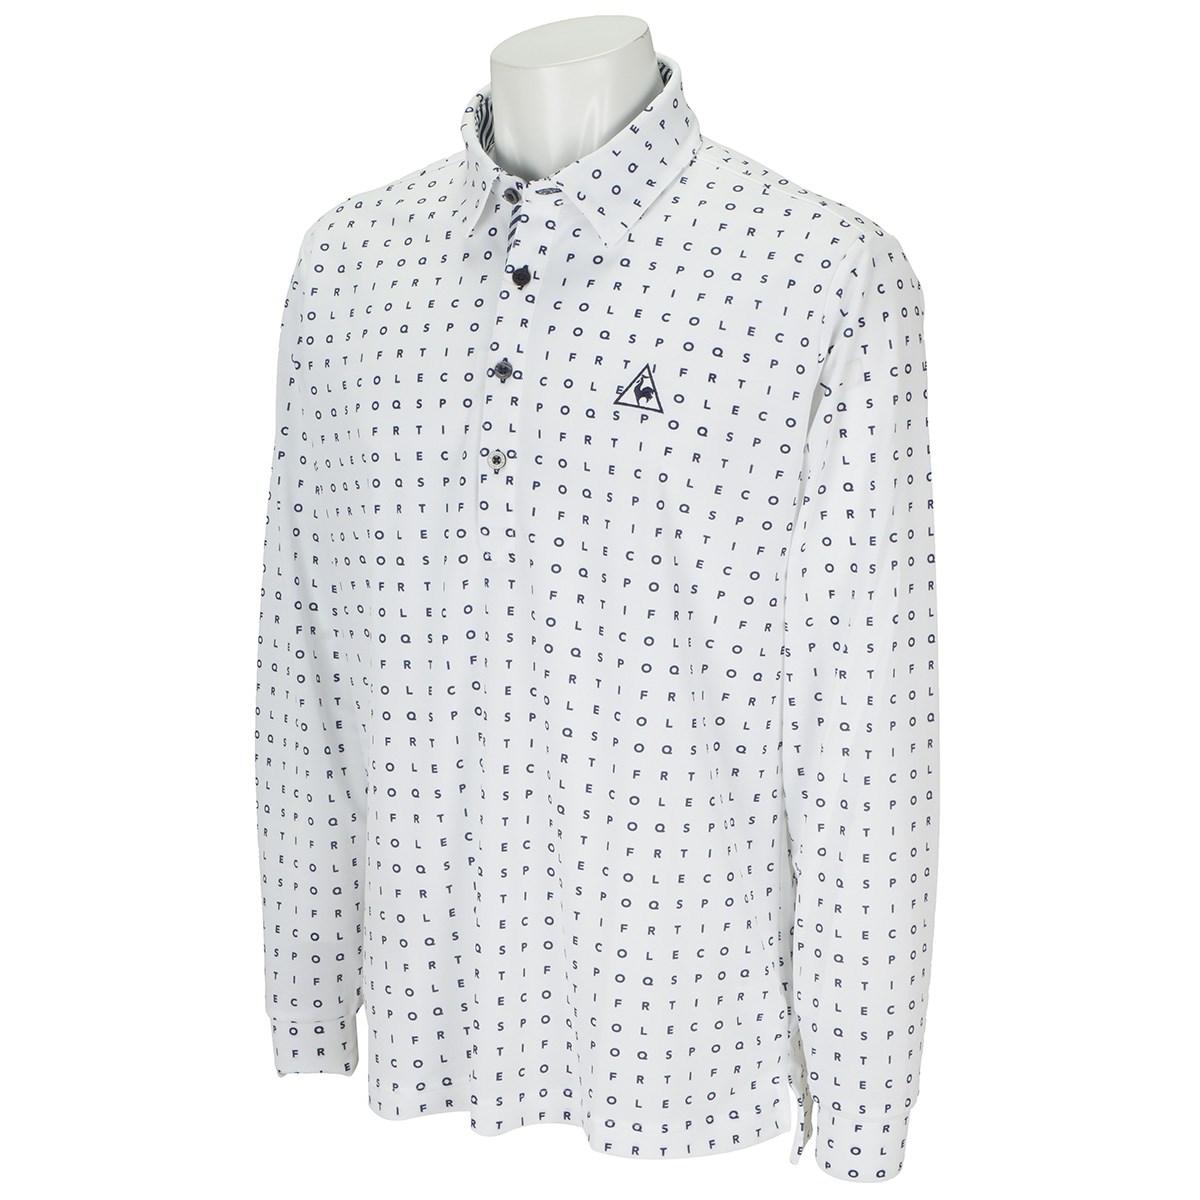 ルコックゴルフ Le coq sportif GOLF ミニタイポプリント長袖ポロシャツ M ホワイト 00